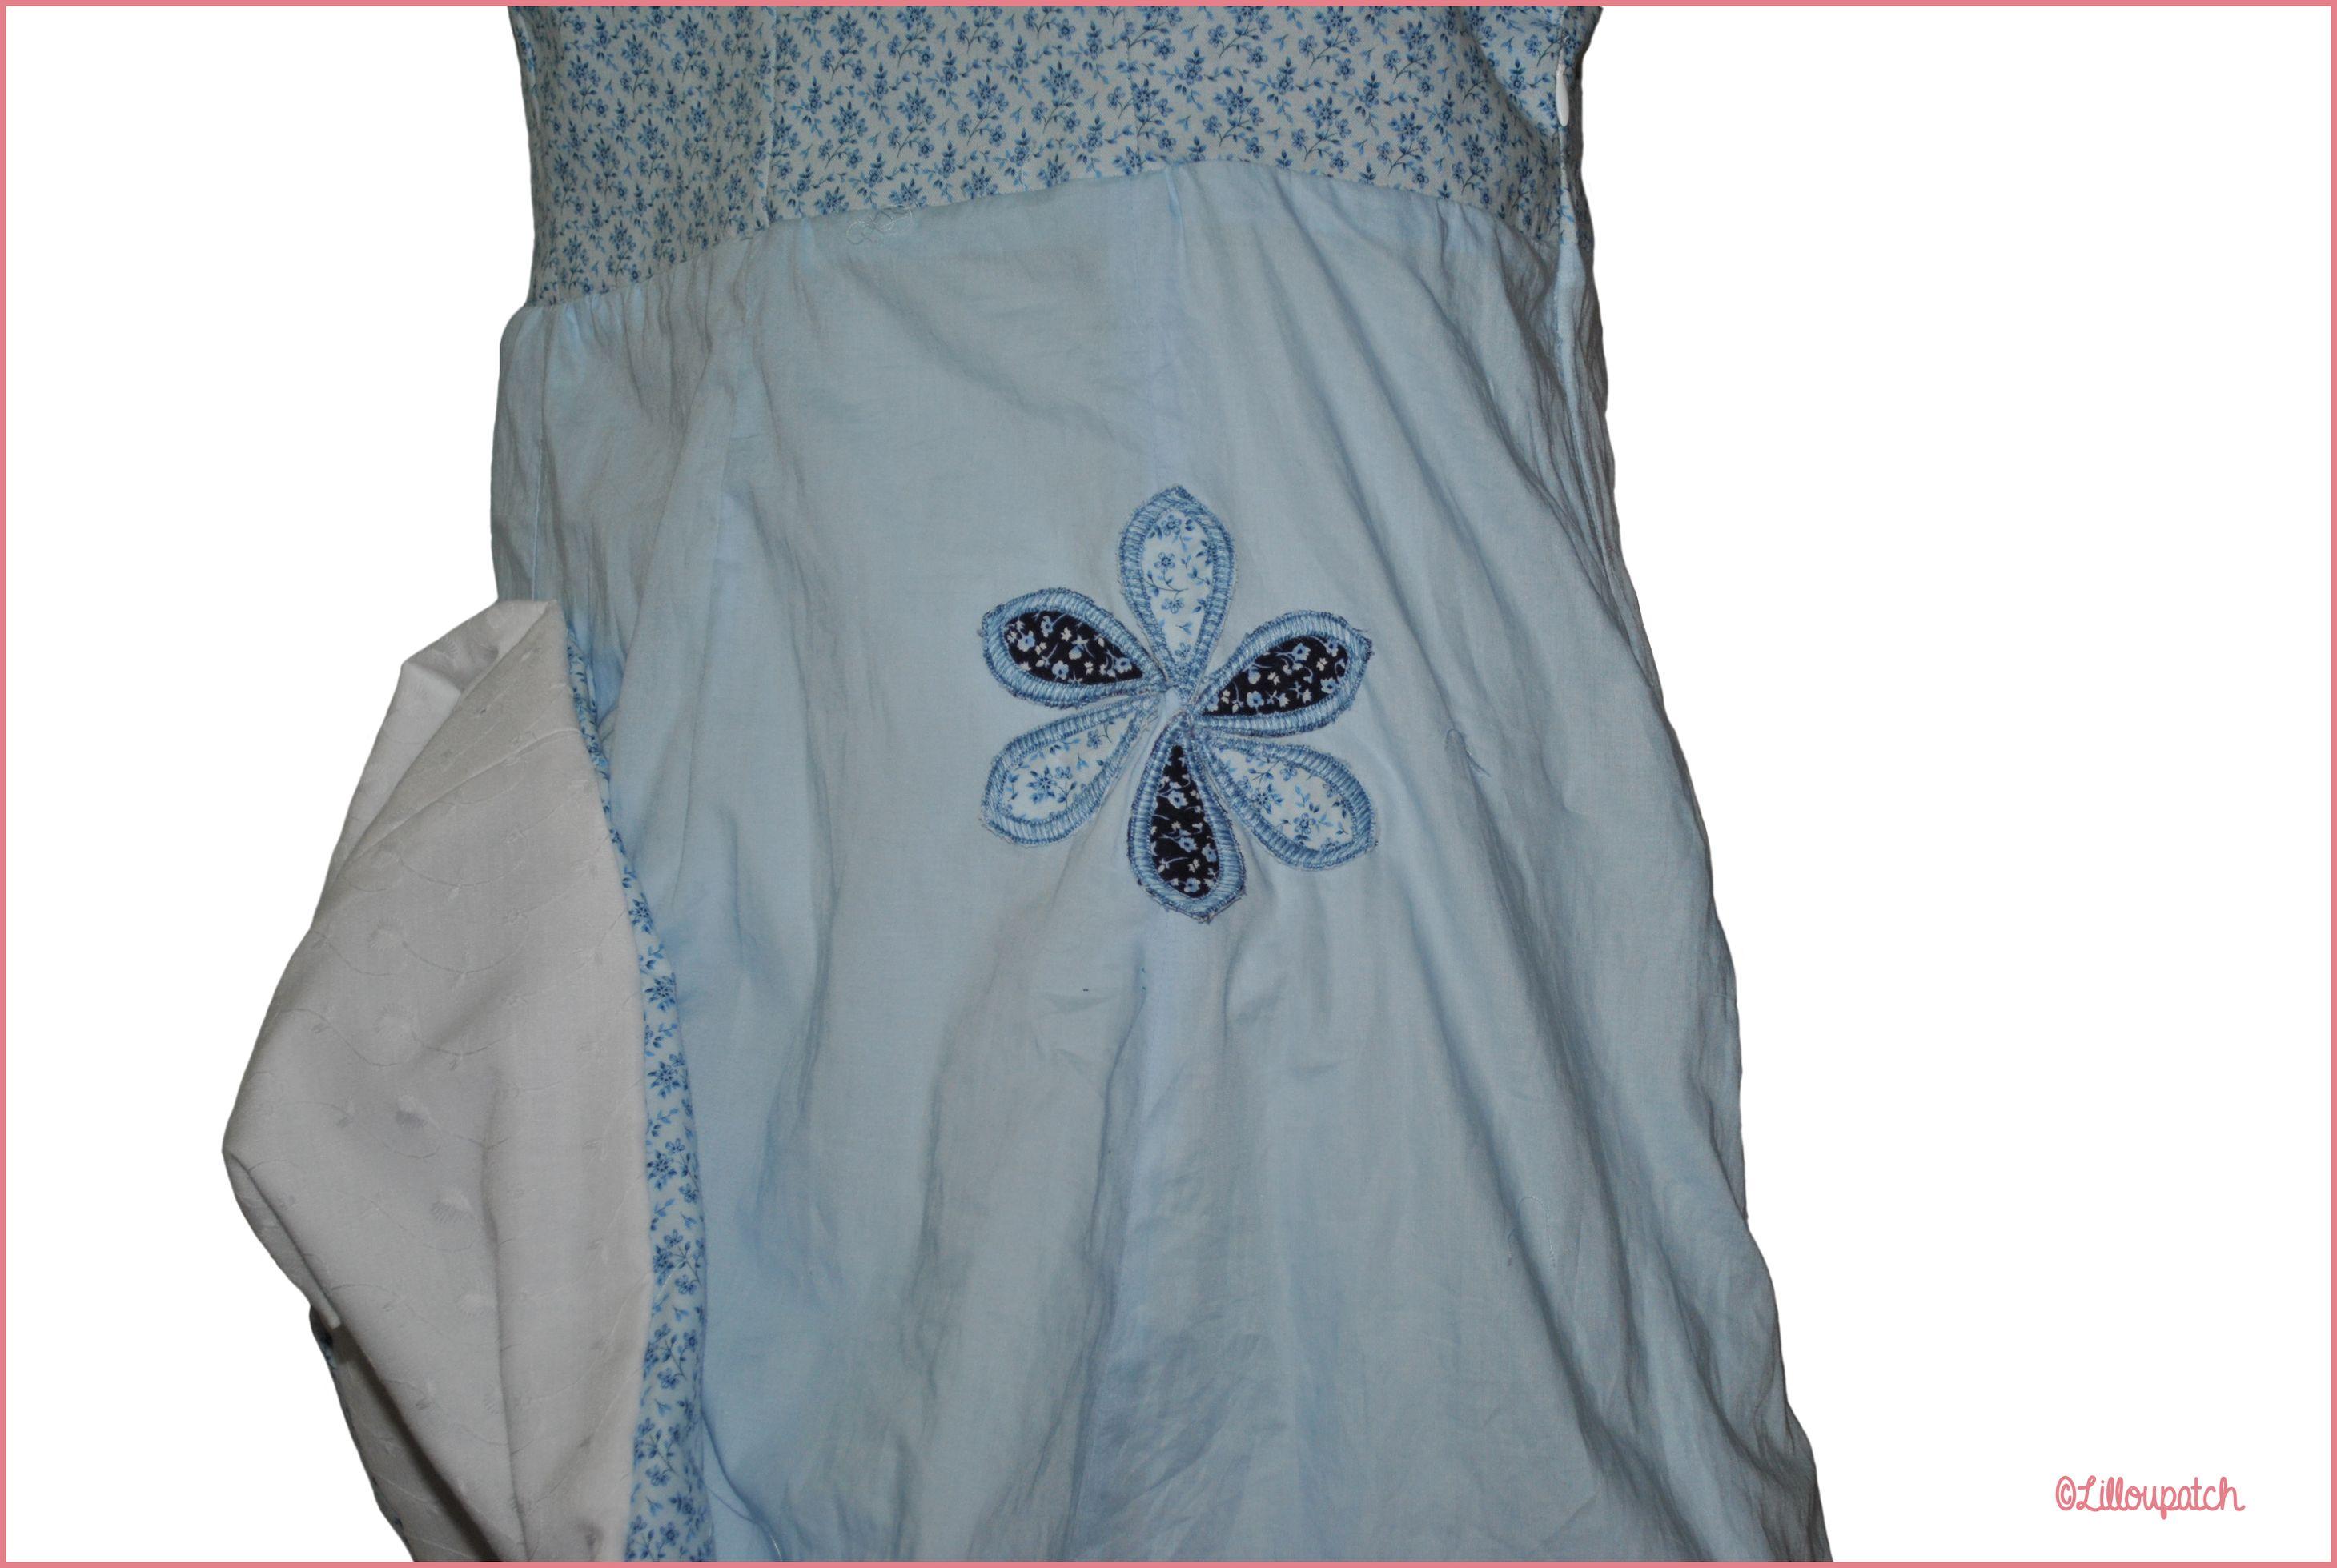 Appliqués pétales bleux posés sur la robe